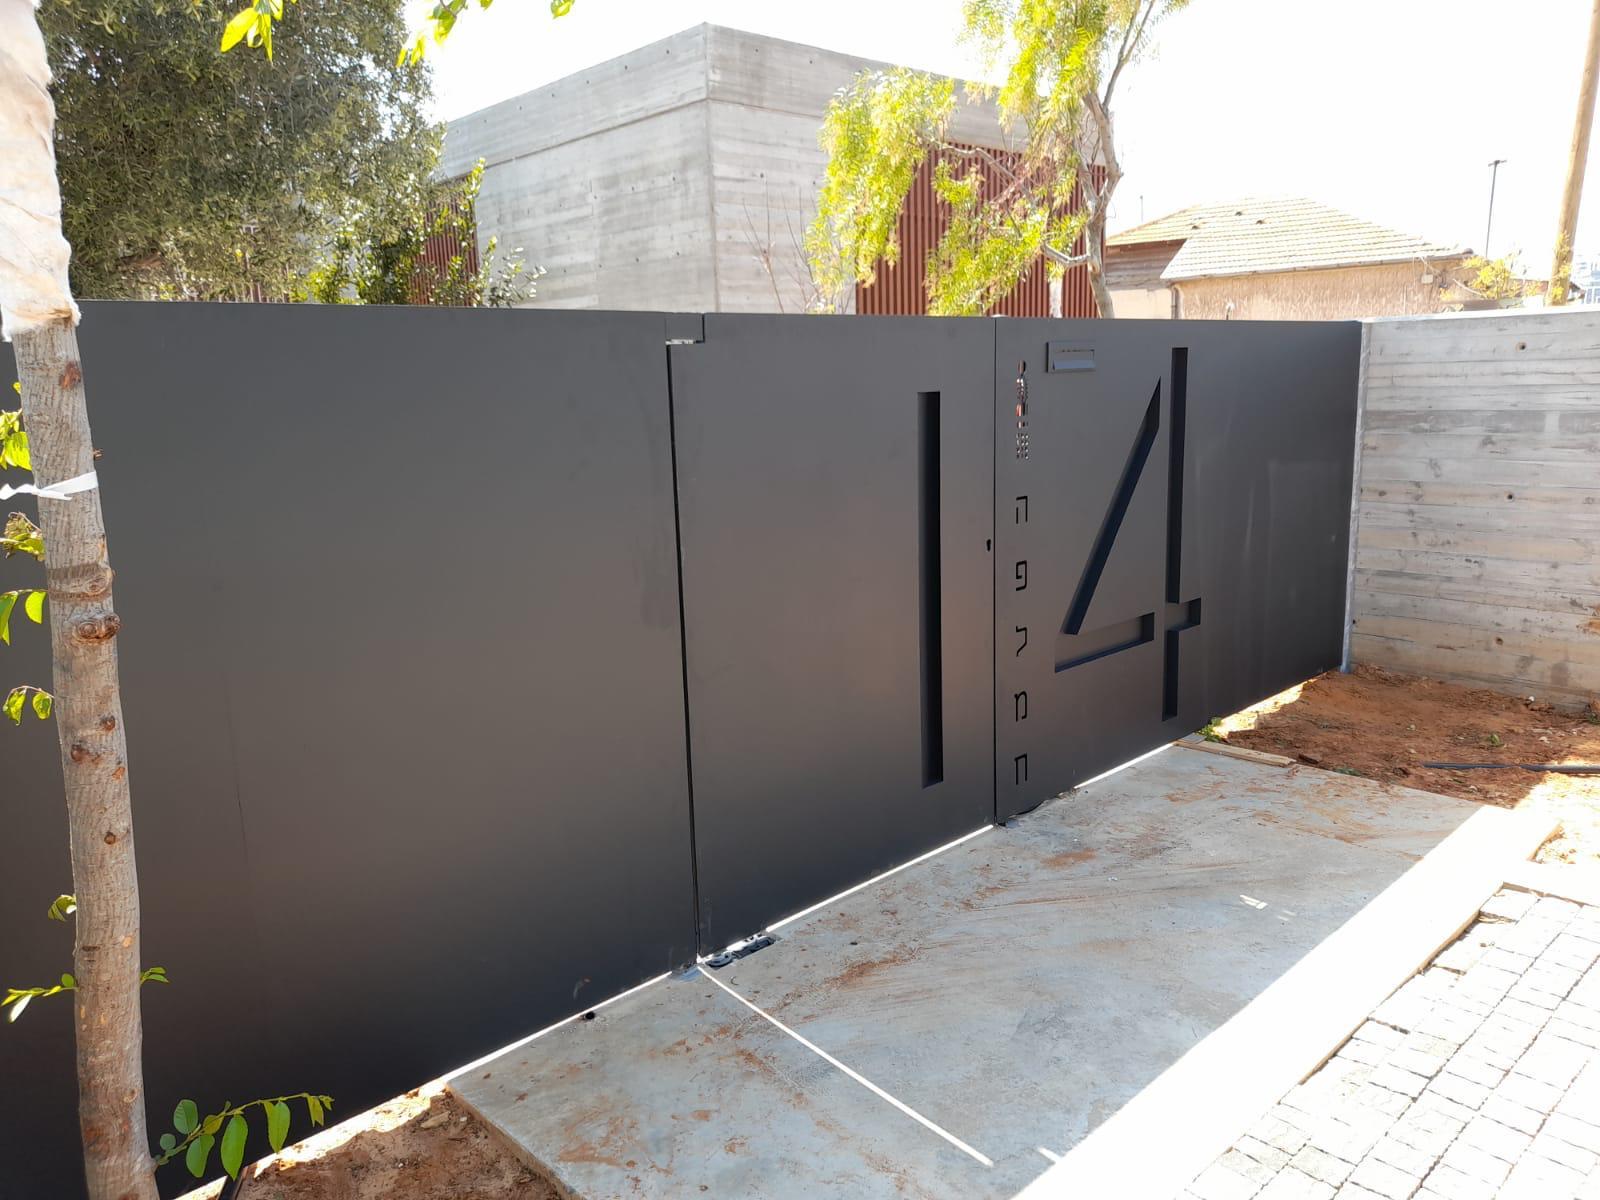 תמונת צד של שער לבית